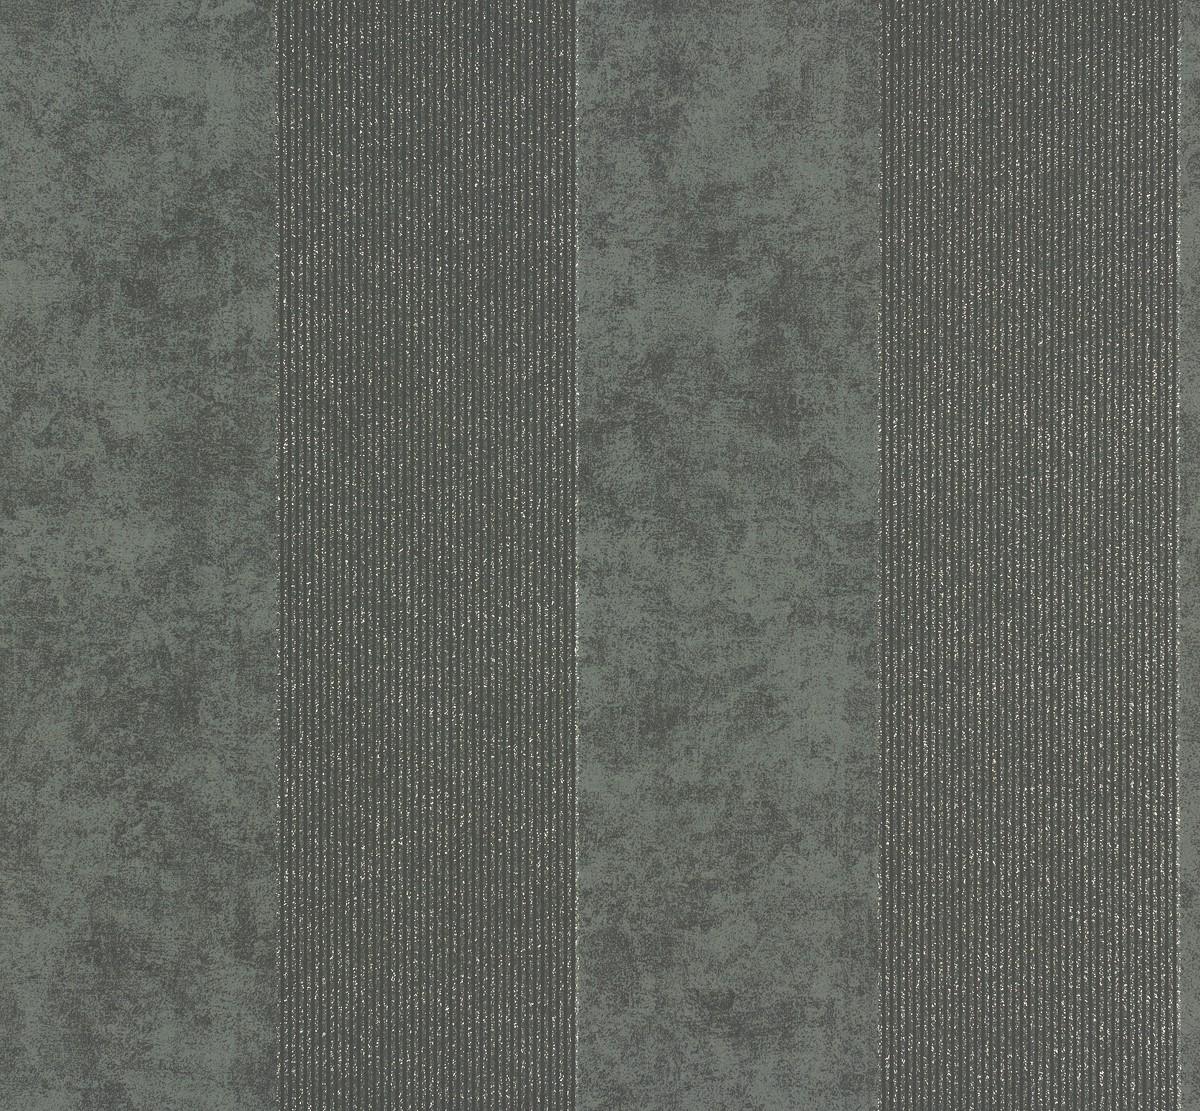 Vliestapete memory tapete streifen 95373 4 953734 schwarz for Tapete schwarz